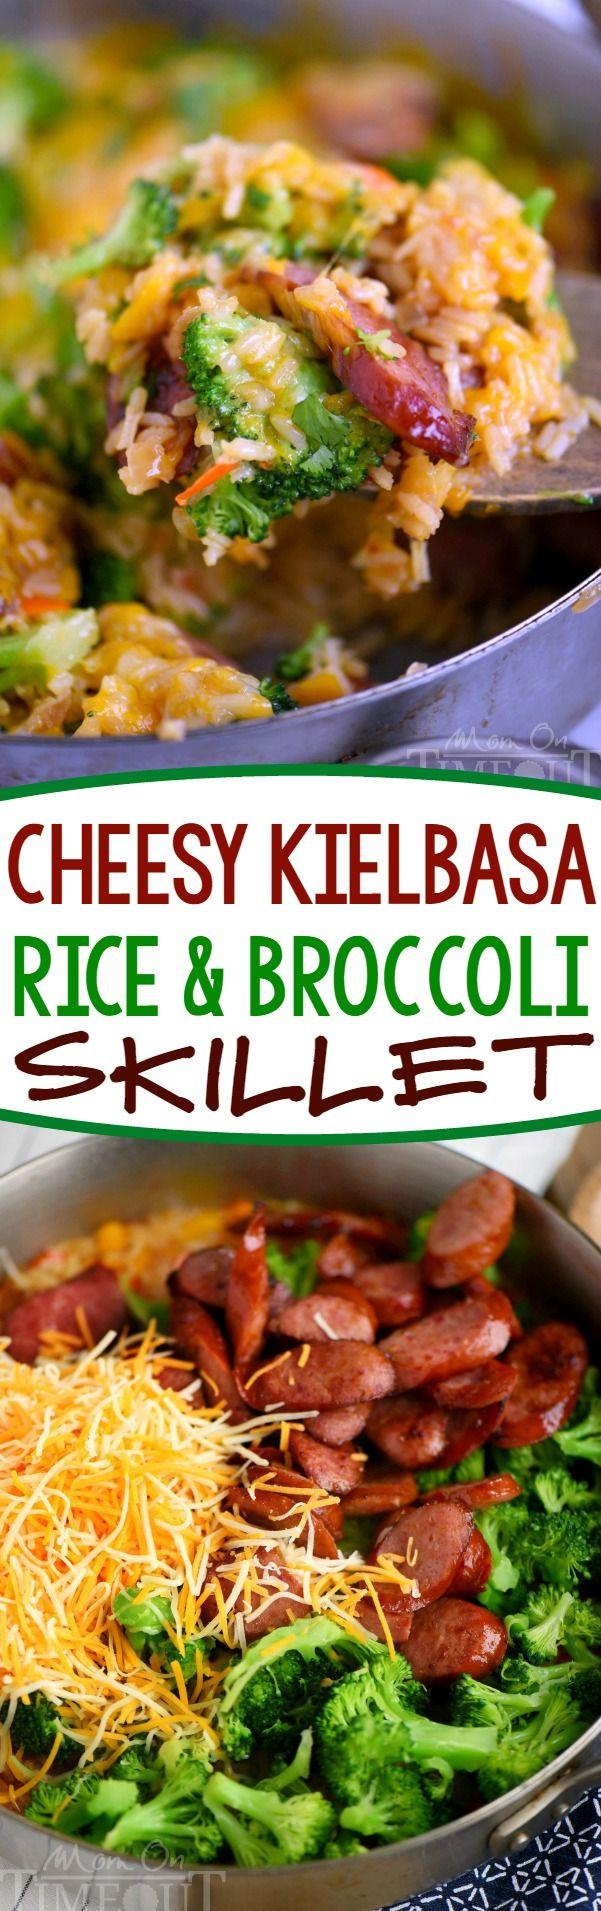 Cheesy Dinner Ideas  Cheesy Kielbasa Rice and Broccoli Skillet your new